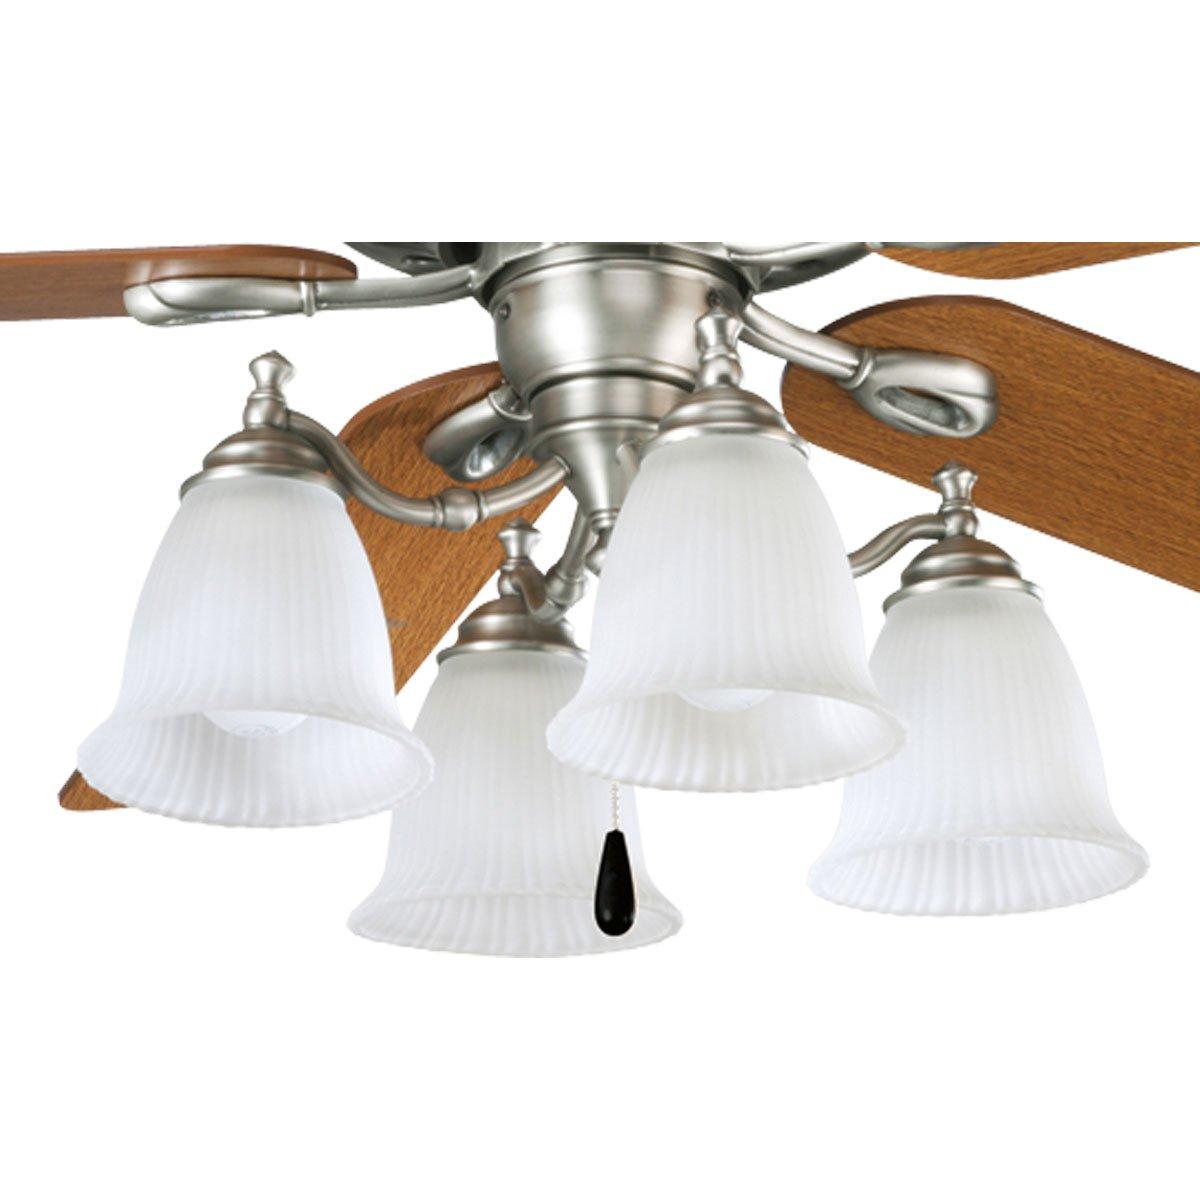 Progress Lighting P2625 81 4 Light Fan Light Kit Antique Nickel